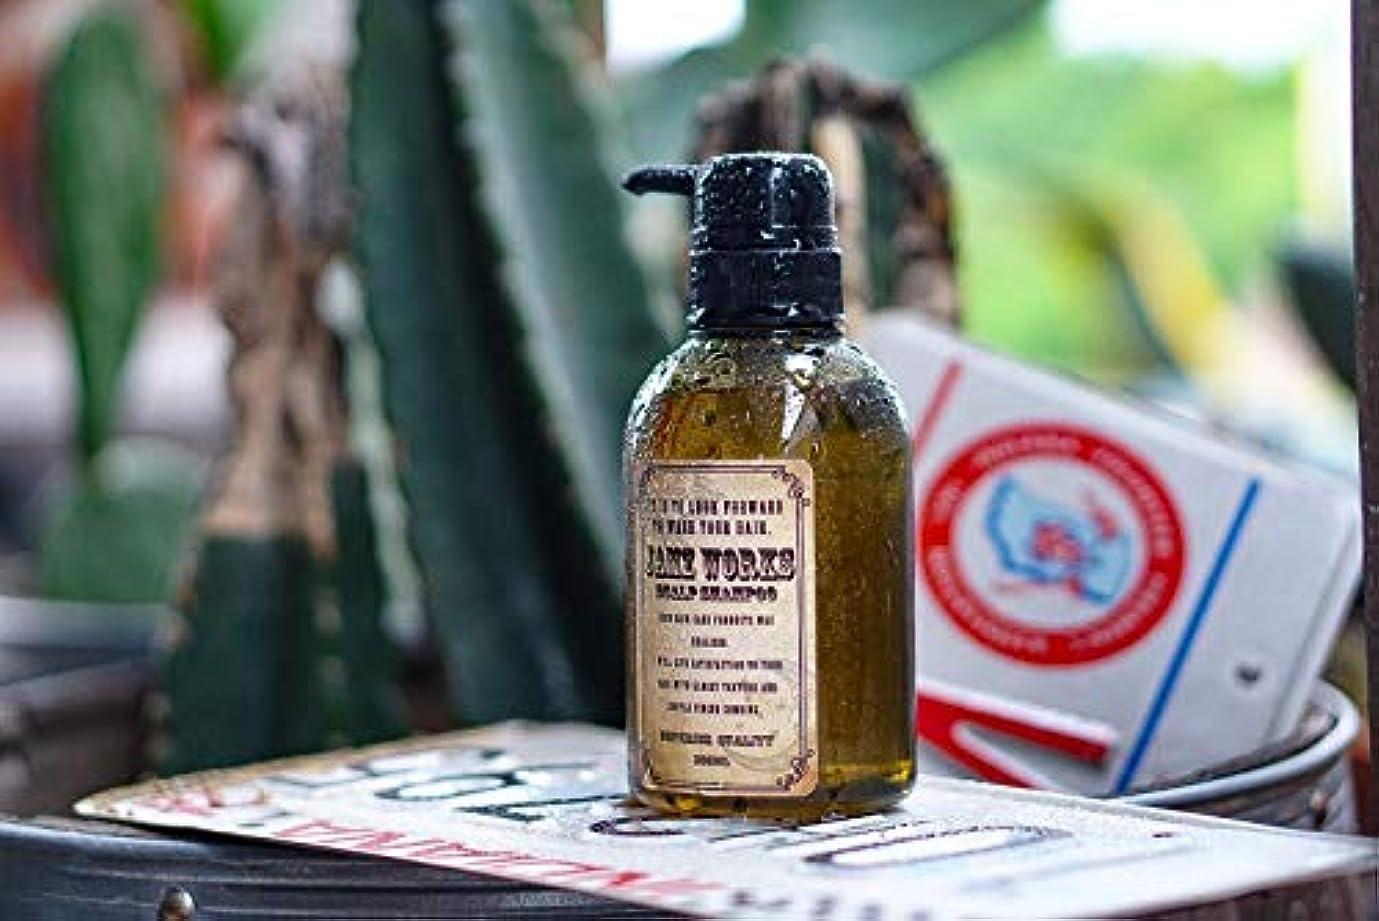 タンク資金パーティションJamzhair Original Shampoo[Jamzhairformenoriginalシャンプー] shampoo メンズ ドライ 乾燥肌 男性 メンズオンリー オイリー 油肌 フケ かゆみ ノンシリコン